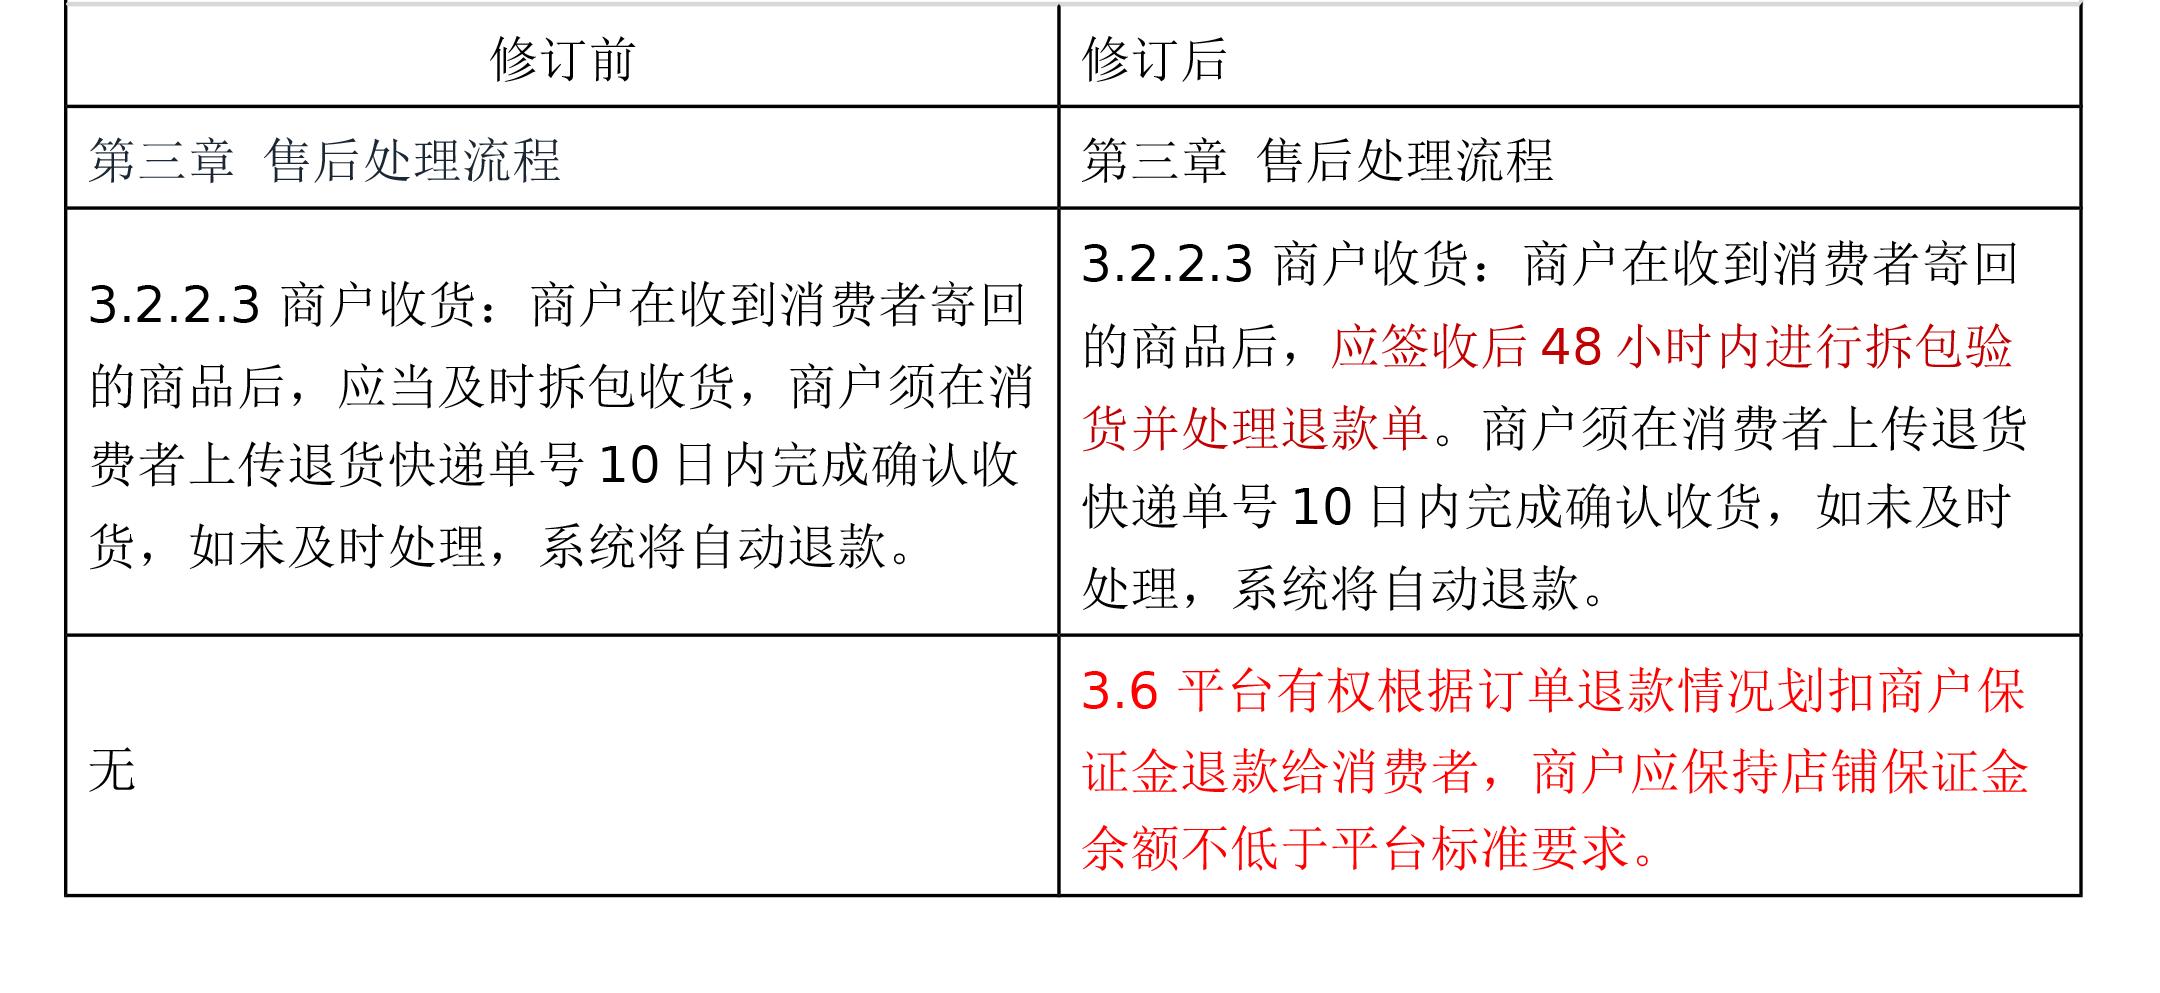 售后规则调整-2020_01_26.png